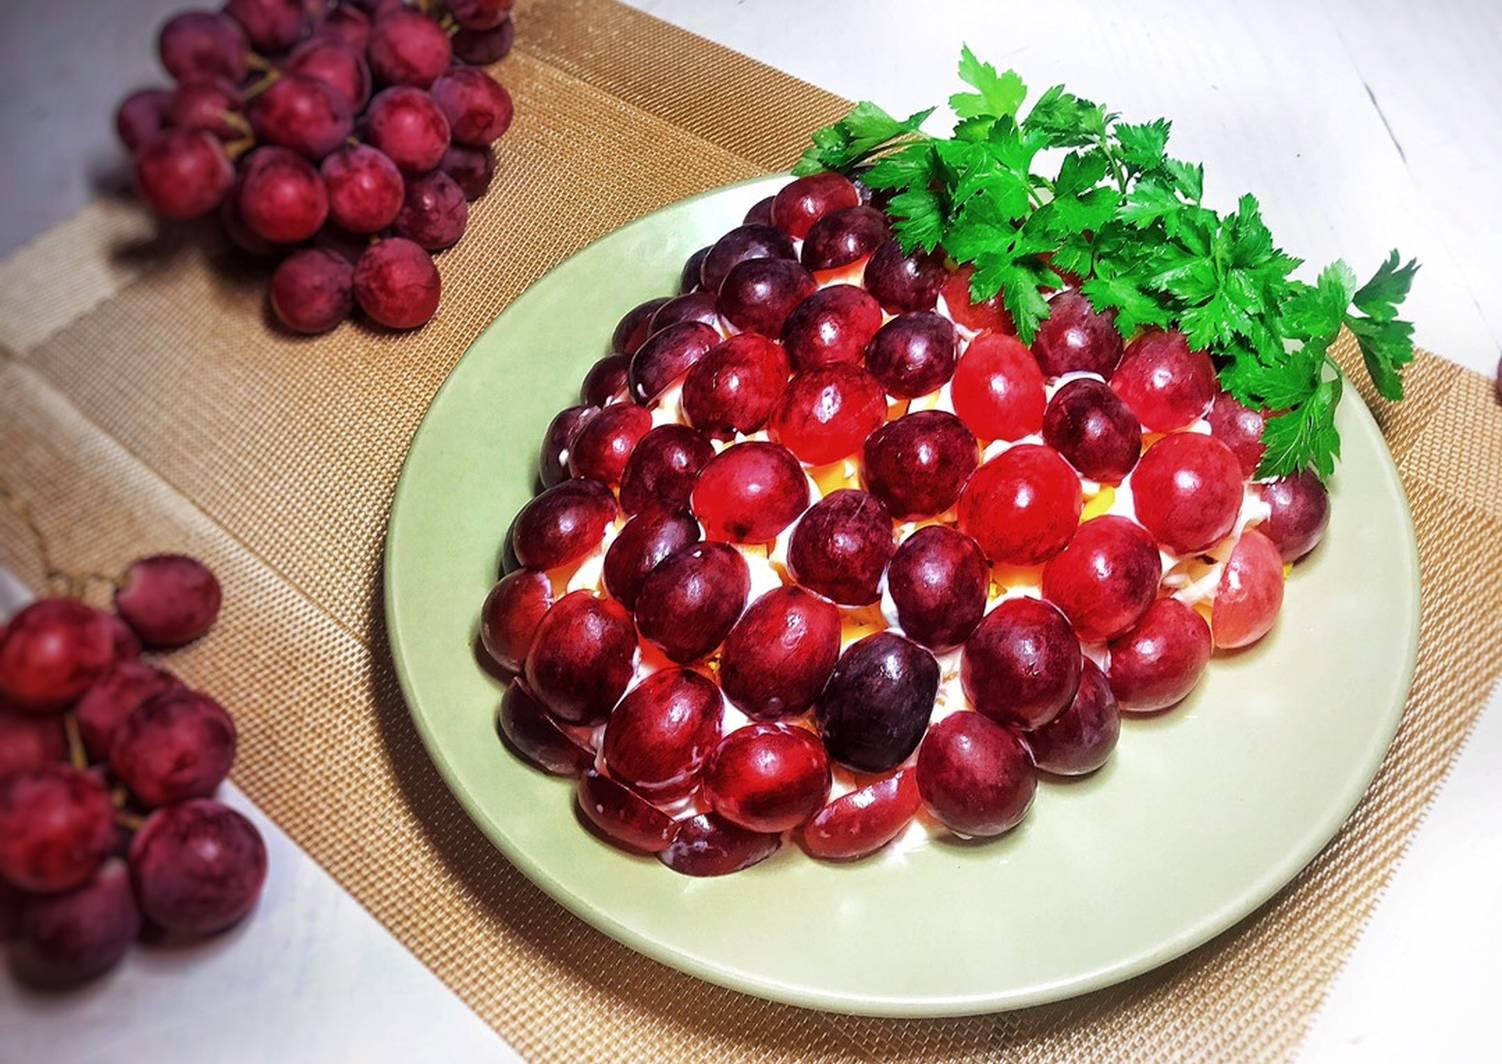 салат виноградная гроздь рецепт с фото пошагово следует смешать яйцо